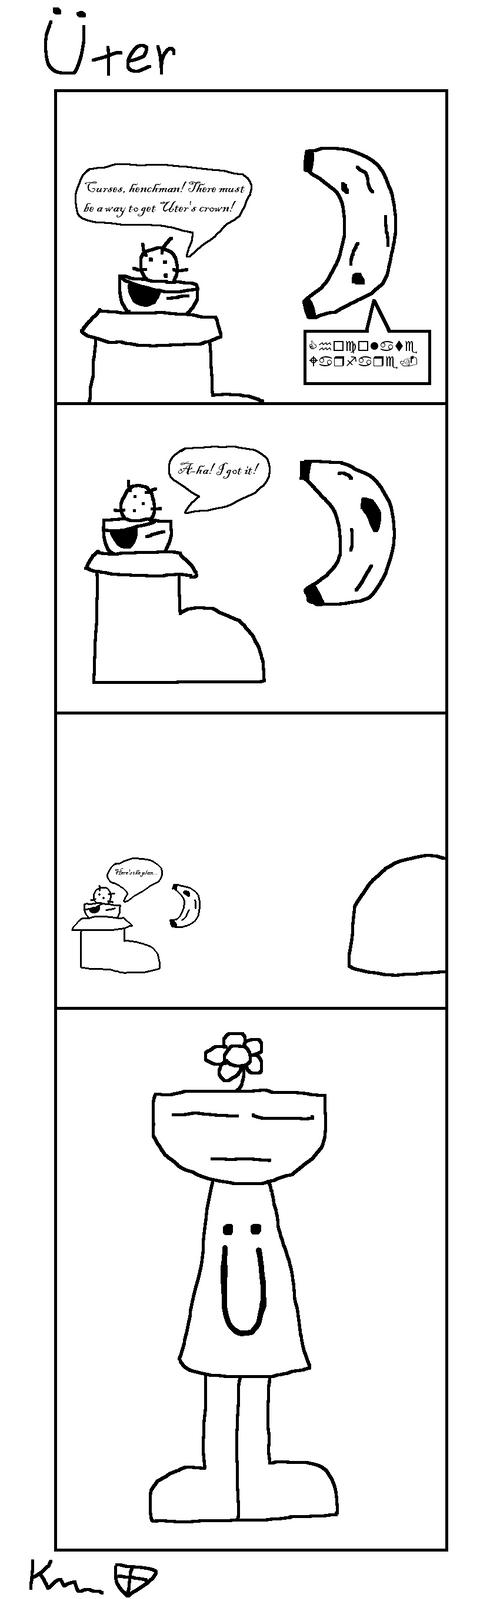 Uter 15